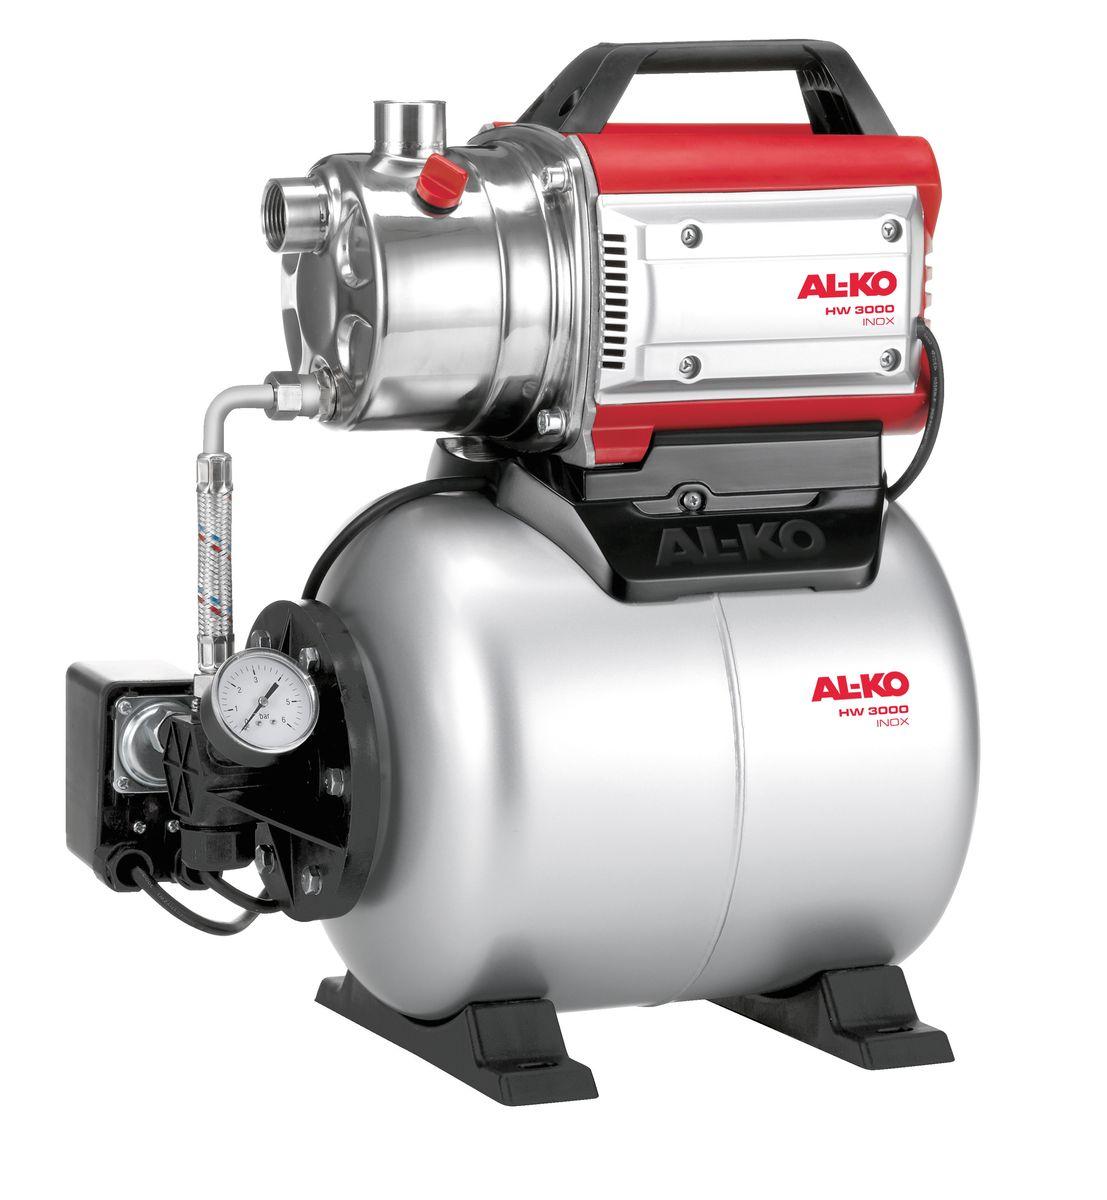 Станция насосная AL-KO HW 3000 Inox Classic112846Насосная станция AL-KO HW 3000 Inox Classic очень легко вводится в эксплуатацию. Она надежна в работе, имеет низкий уровень шума. Корпус выполнен из высококачественной нержавеющей стали. Насосная станция имеет высокую мощность всасывания и может выдерживать высокое давление. Объем расширительного бака: 17 л. Мощность: 650 Вт. Глубина забора воды: 8 м. Высота напора: 35 м. Максимальный объем подачи: 3100 л/час. Рабочий механизм насоса: 1-ступенчатый. Диаметр входного и выходного отверстий: G 1.